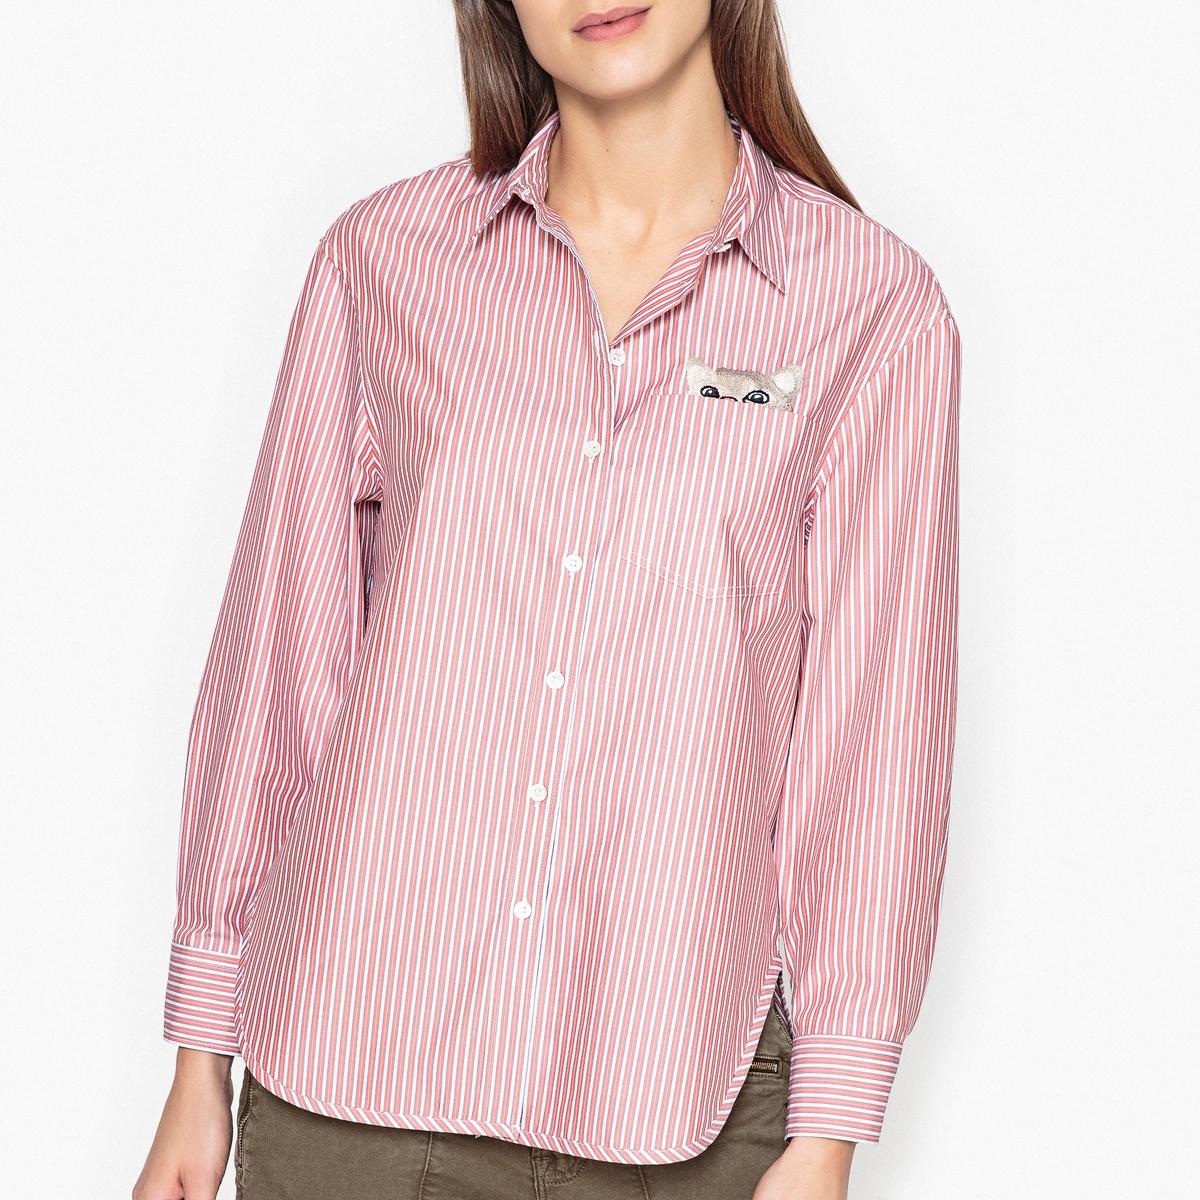 Рубашка в полоску с вышивкой GALIPETTE c h i c платье рубашка в полоску